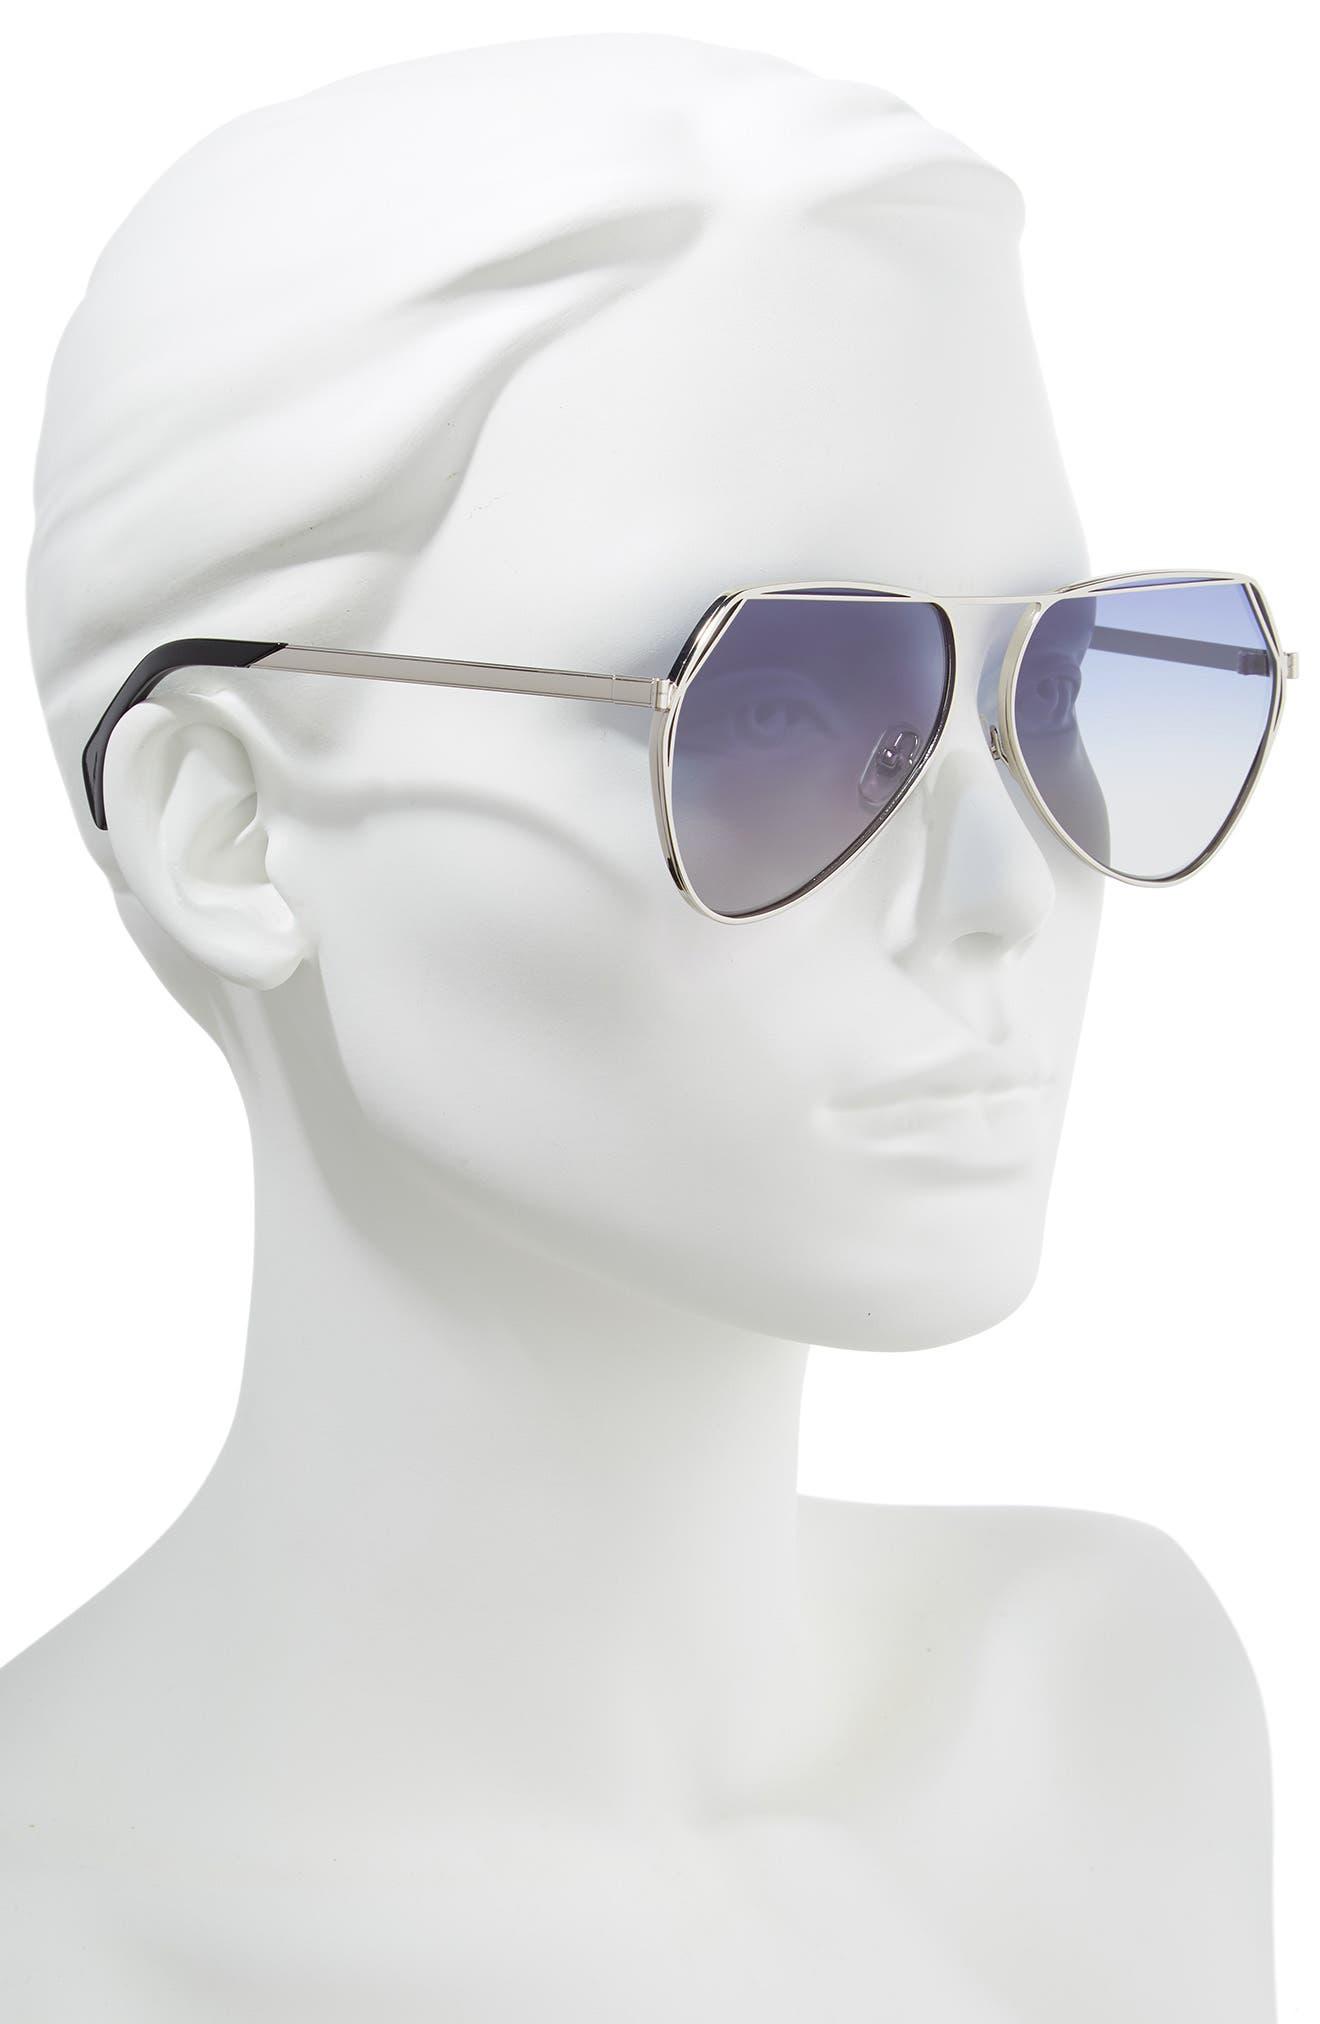 Taj 62mm Oversize Aviator Sunglasses,                             Alternate thumbnail 2, color,                             040